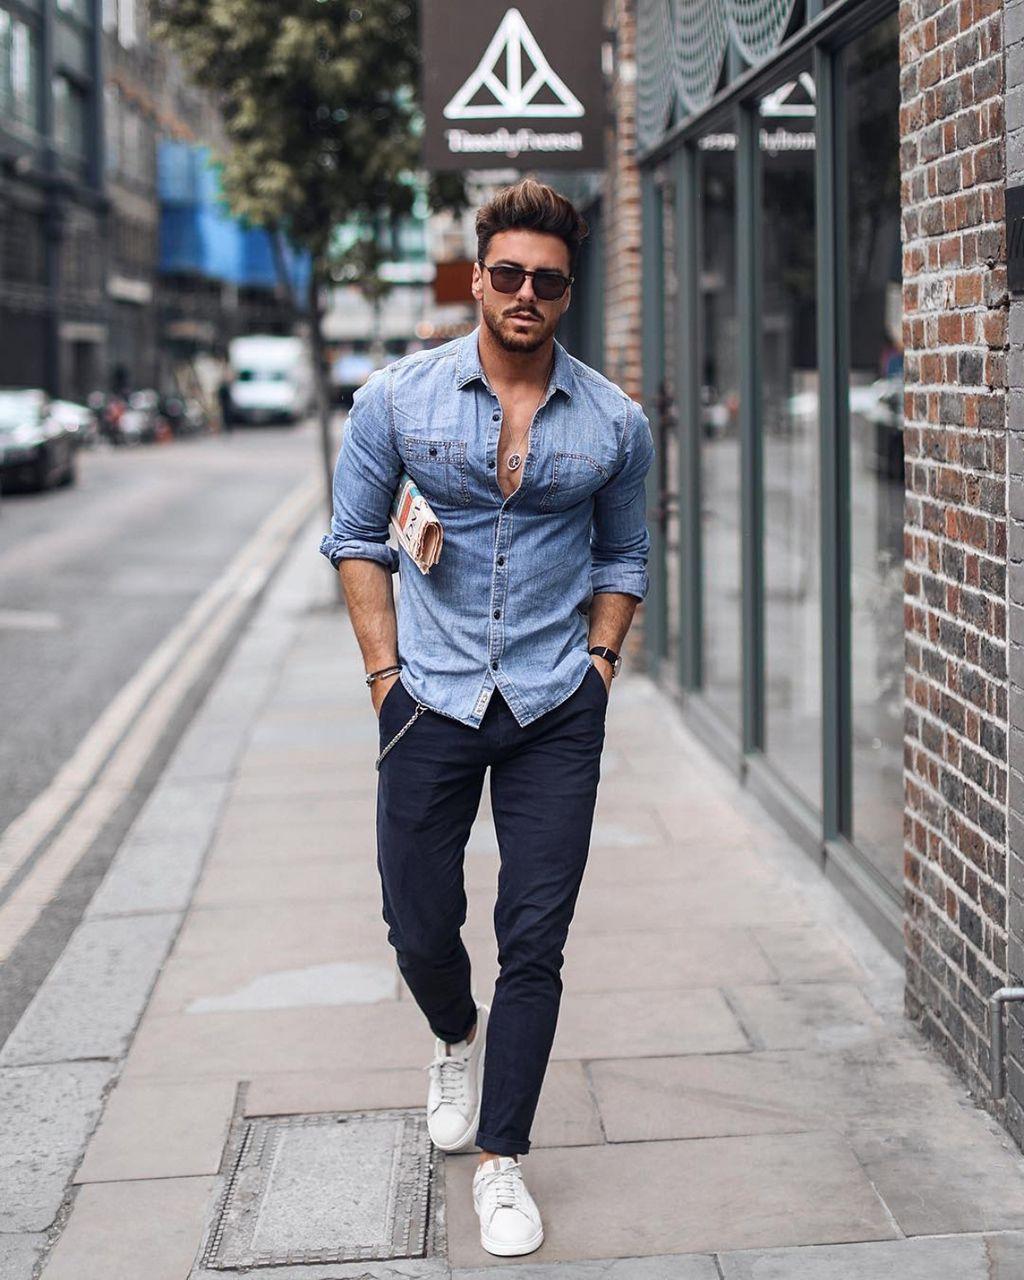 Camisa jeans masculina: dicas de como usar